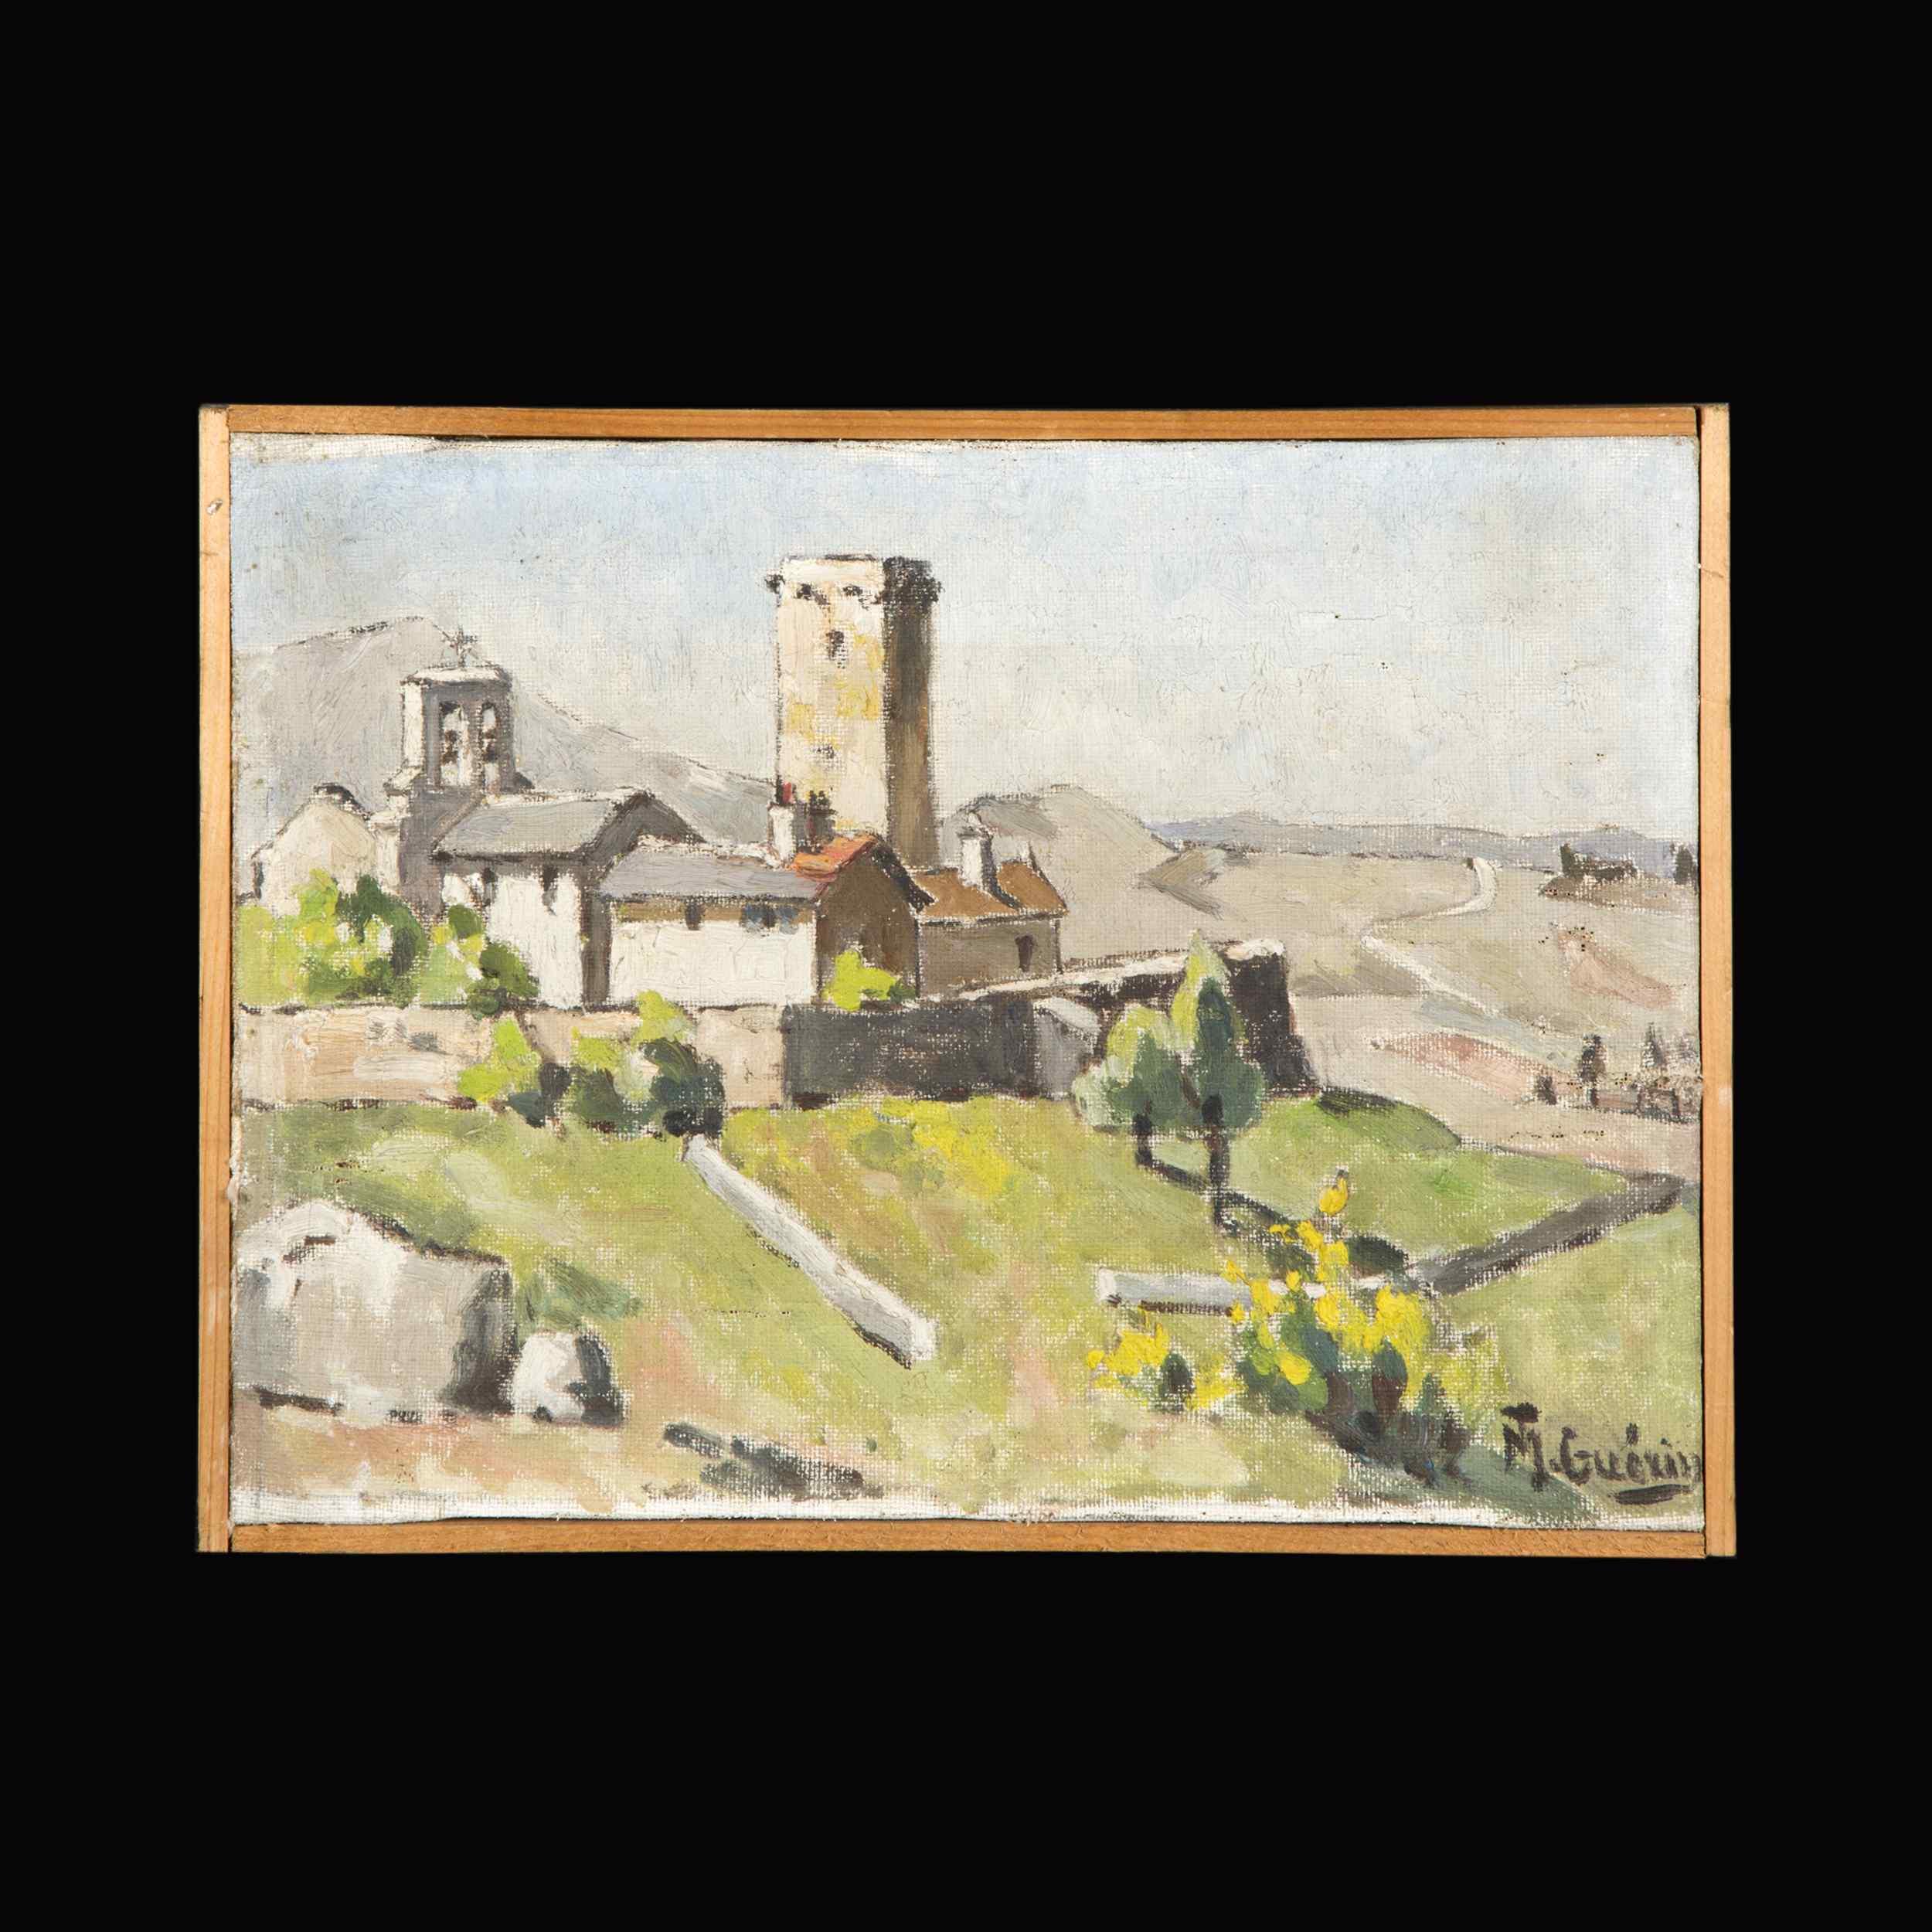 Mt Guérin, paire de paysages, XX secolo